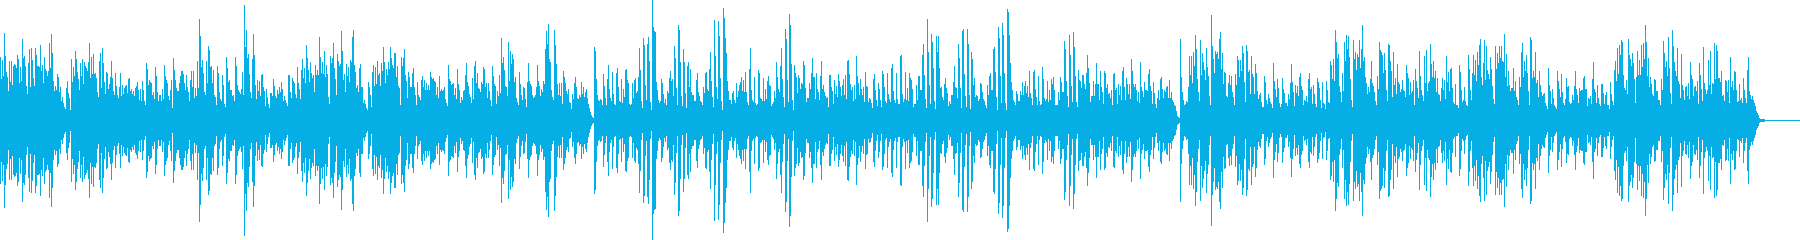 ディキシーランド ラグタイム モダ...の再生済みの波形